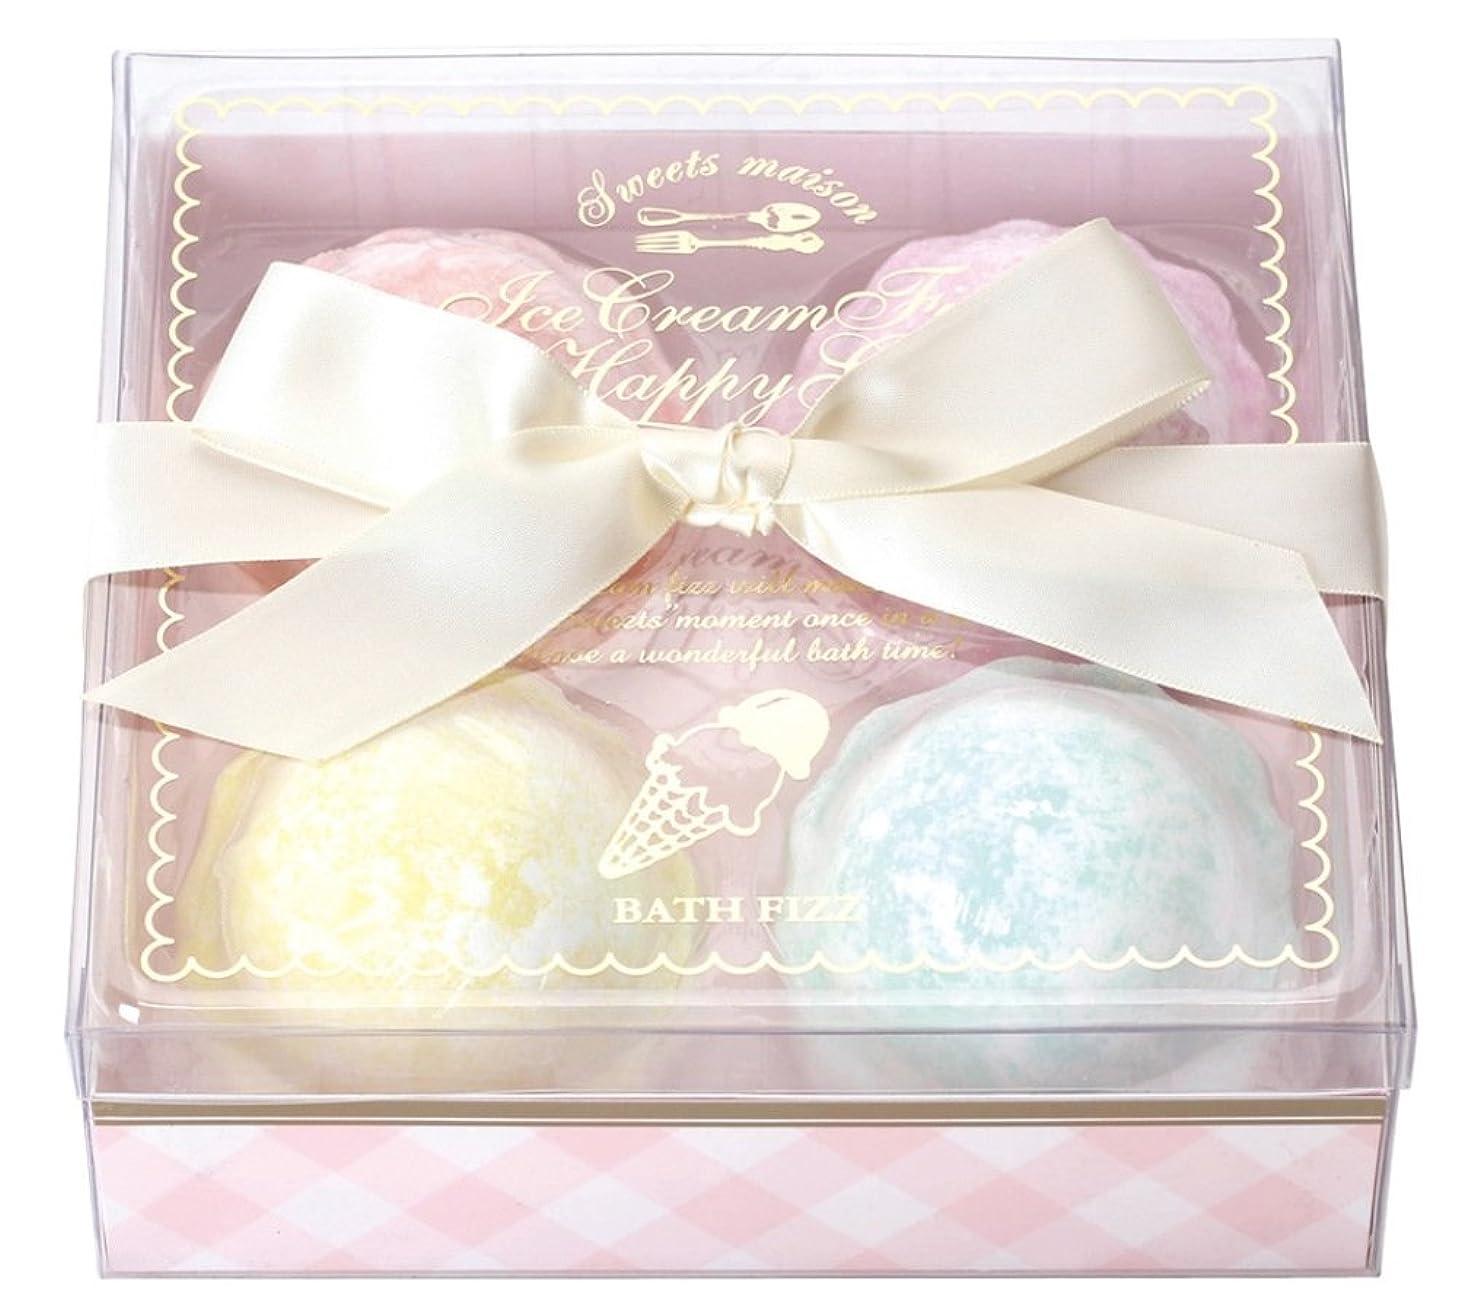 申請者決定テラスノルコーポレーション 入浴剤 バスフィズ アイスクリームフィズハッピーギフト OB-SMG-4-1